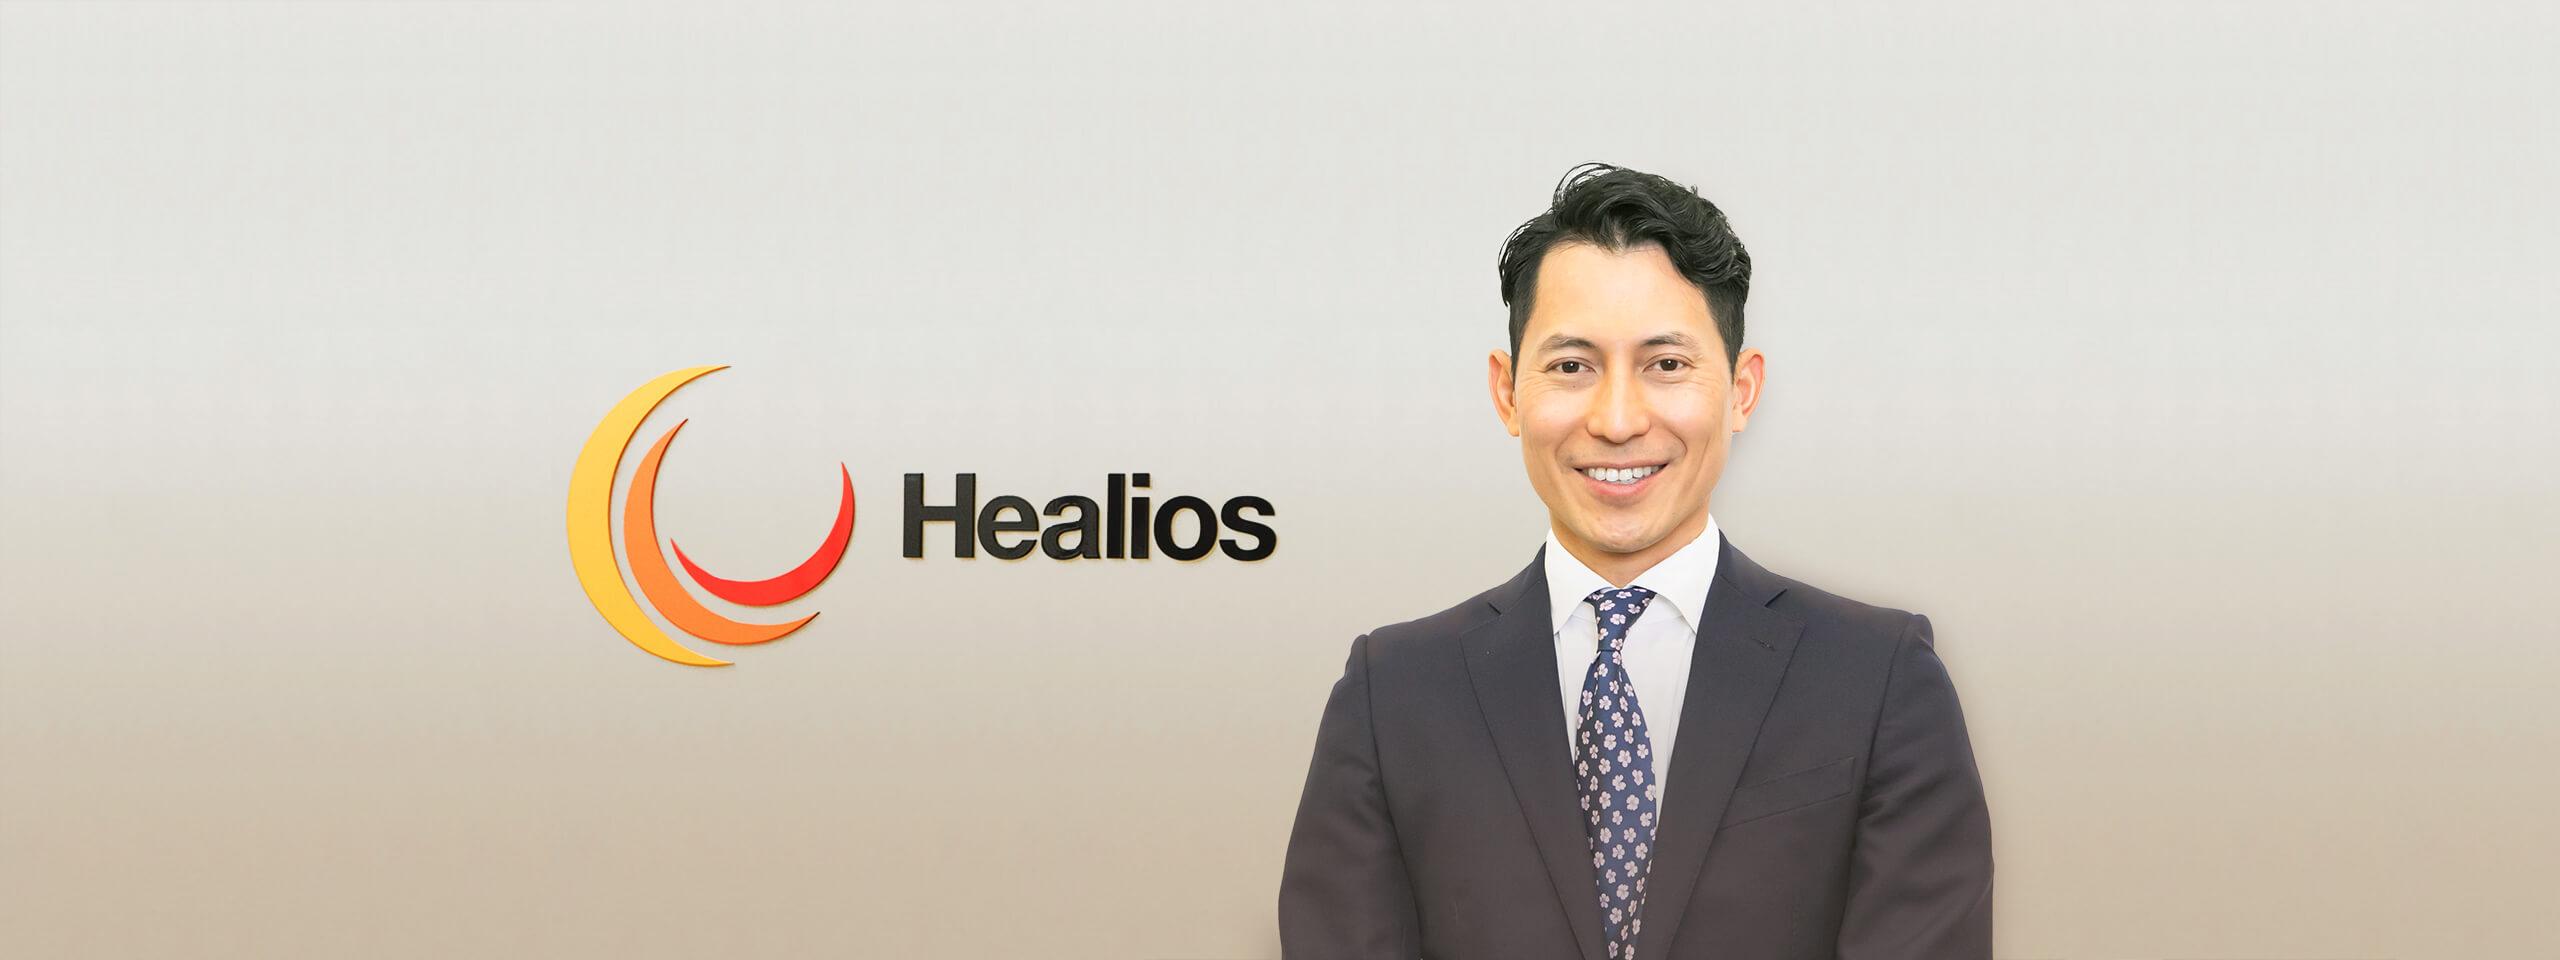 株式会社ヘリオス 代表執行役社長 鍵本 忠尚(かぎもと ただひさ)